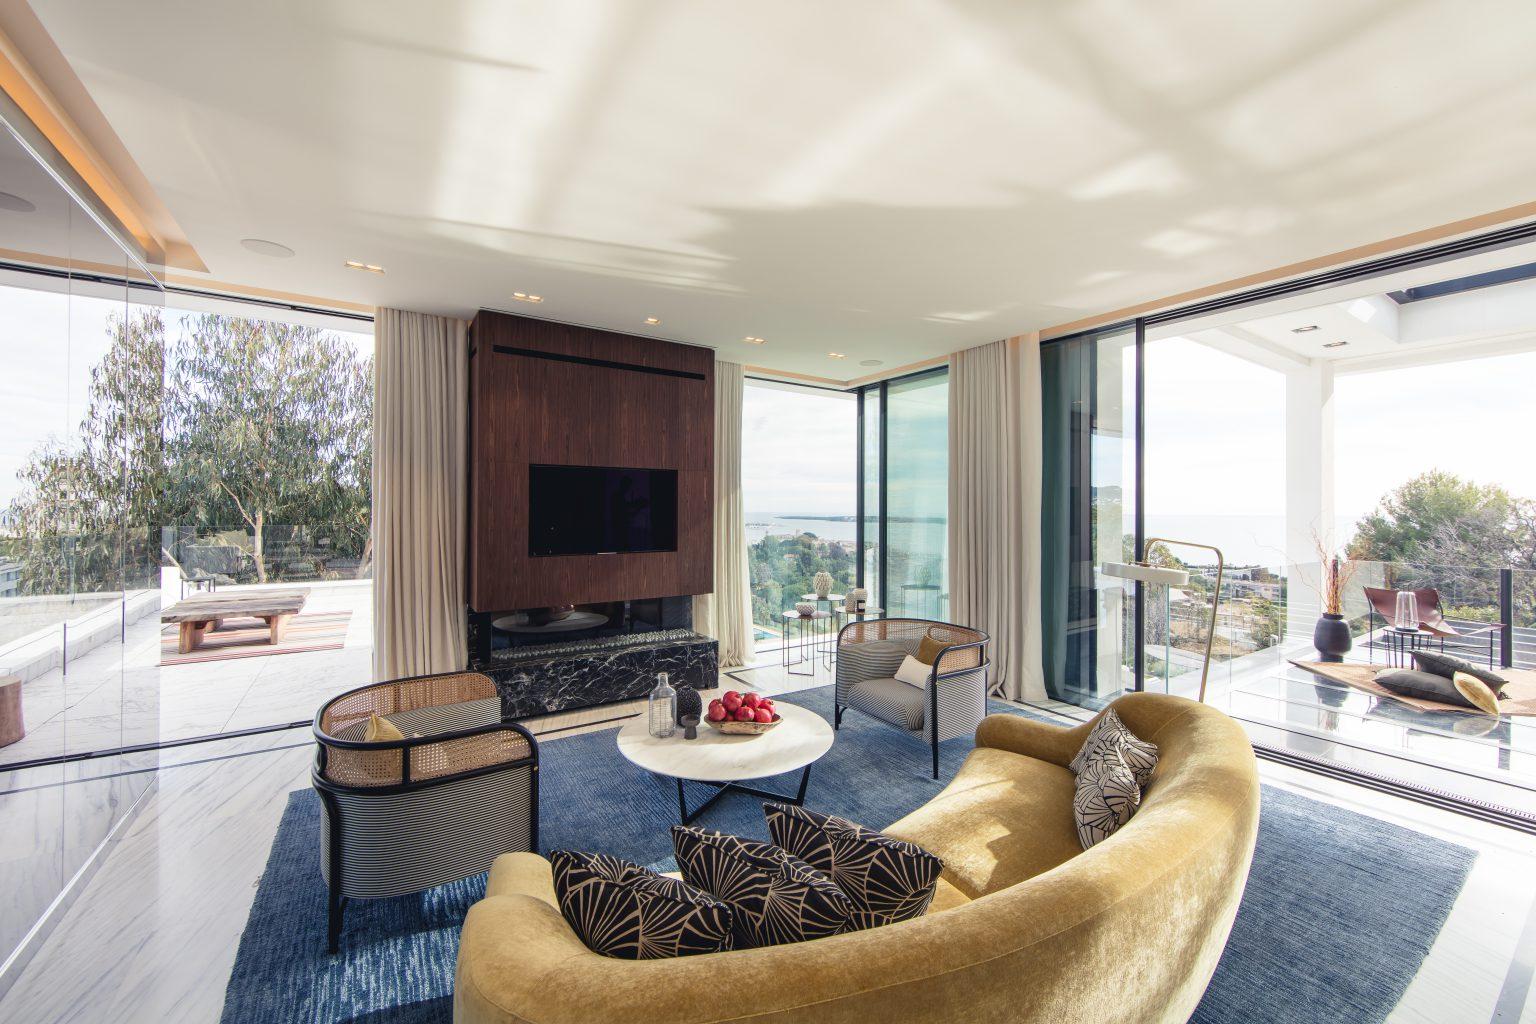 1 - villa luxe salon design confortable